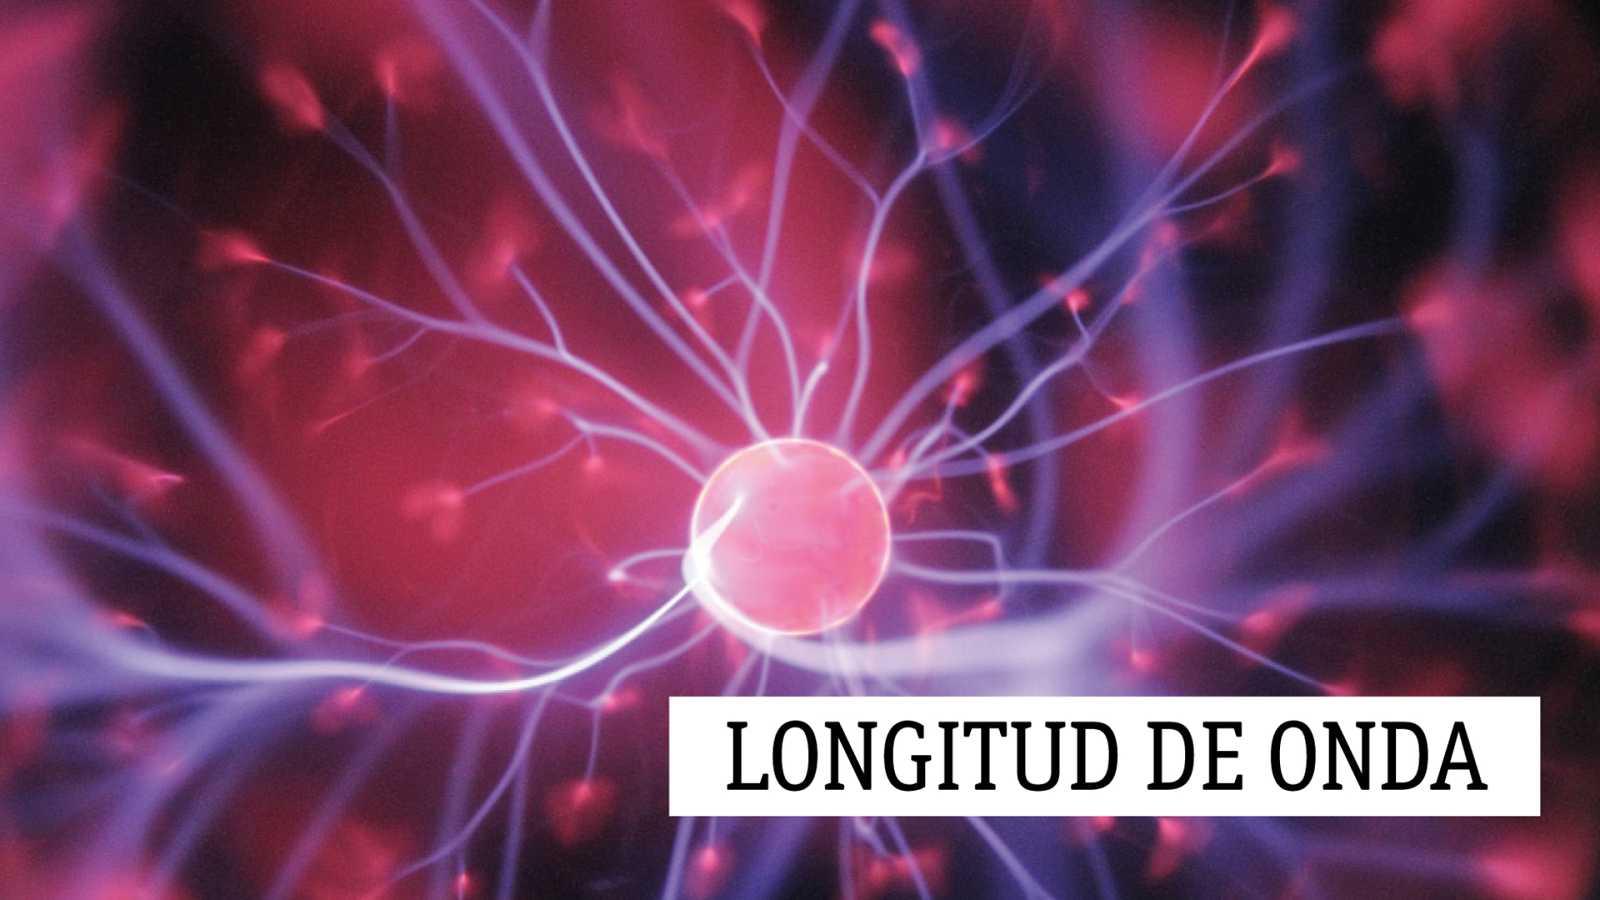 Longitud de onda - Van Leeuwenhoek, de comerciante a científico - 22/05/20 - escuchar ahora